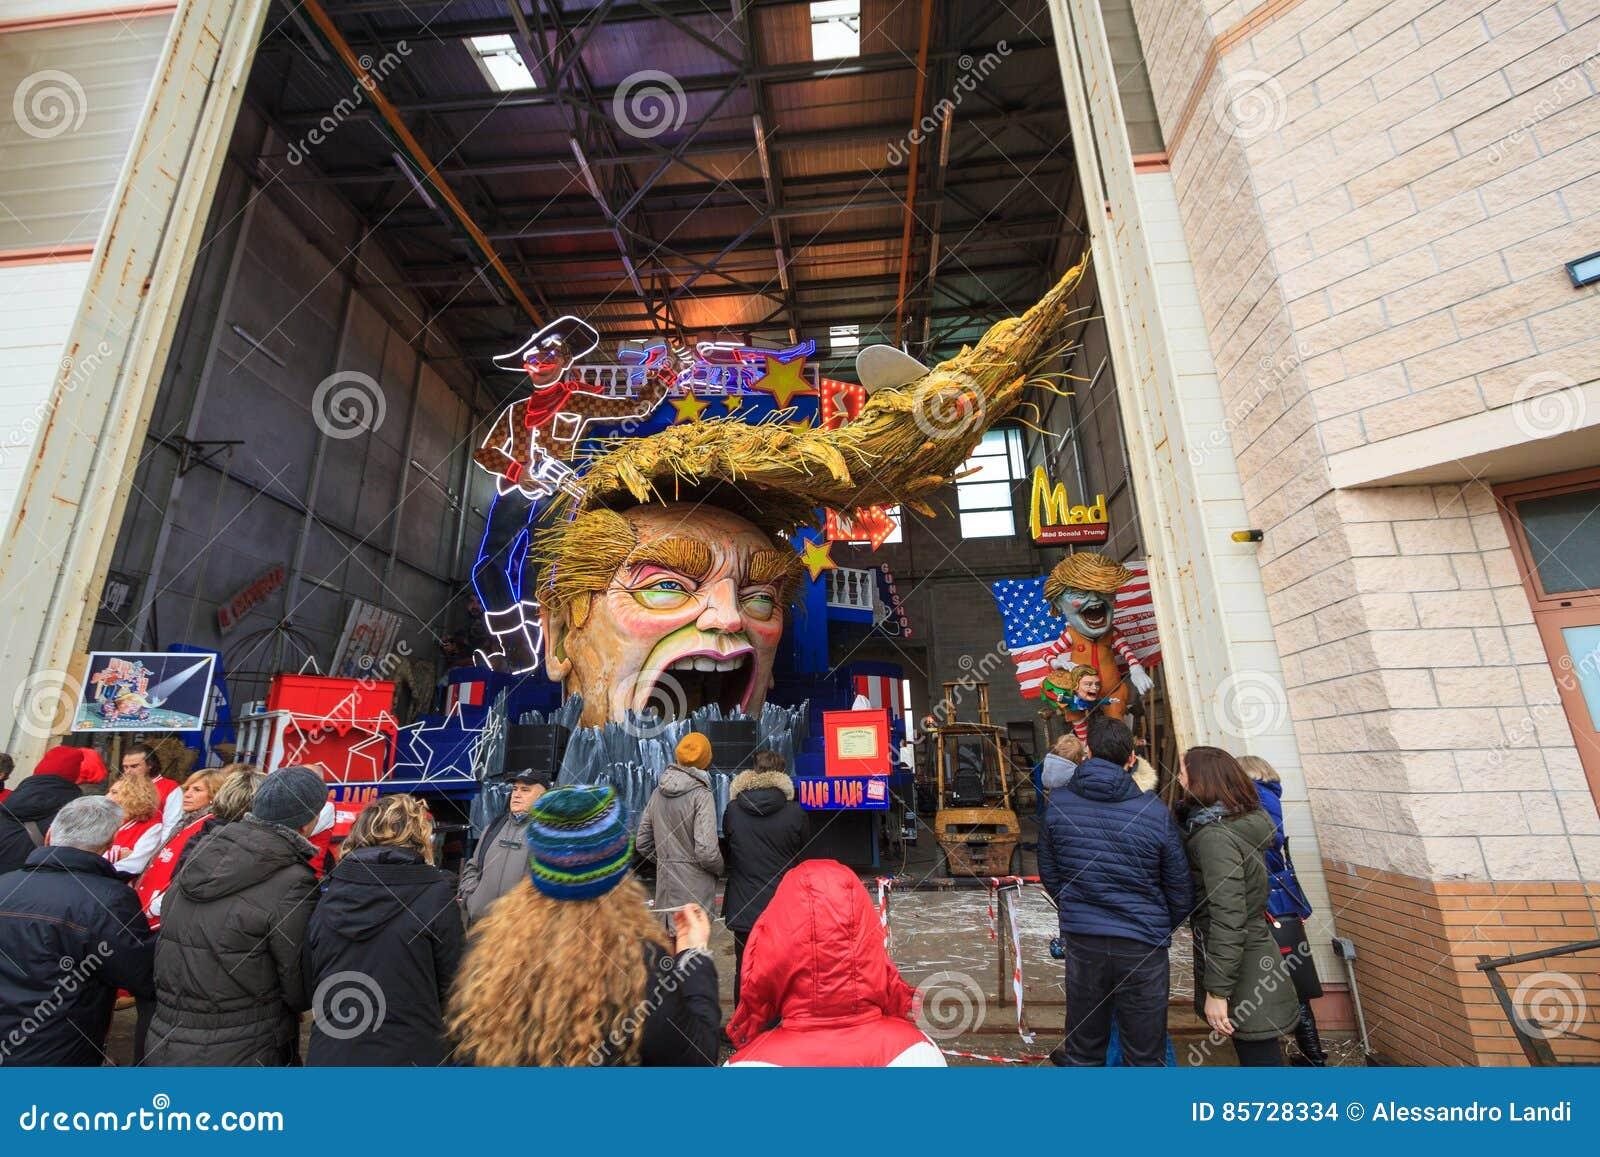 Carnaval con la caricatura de Donald Trump en el carro alegórico en Viare